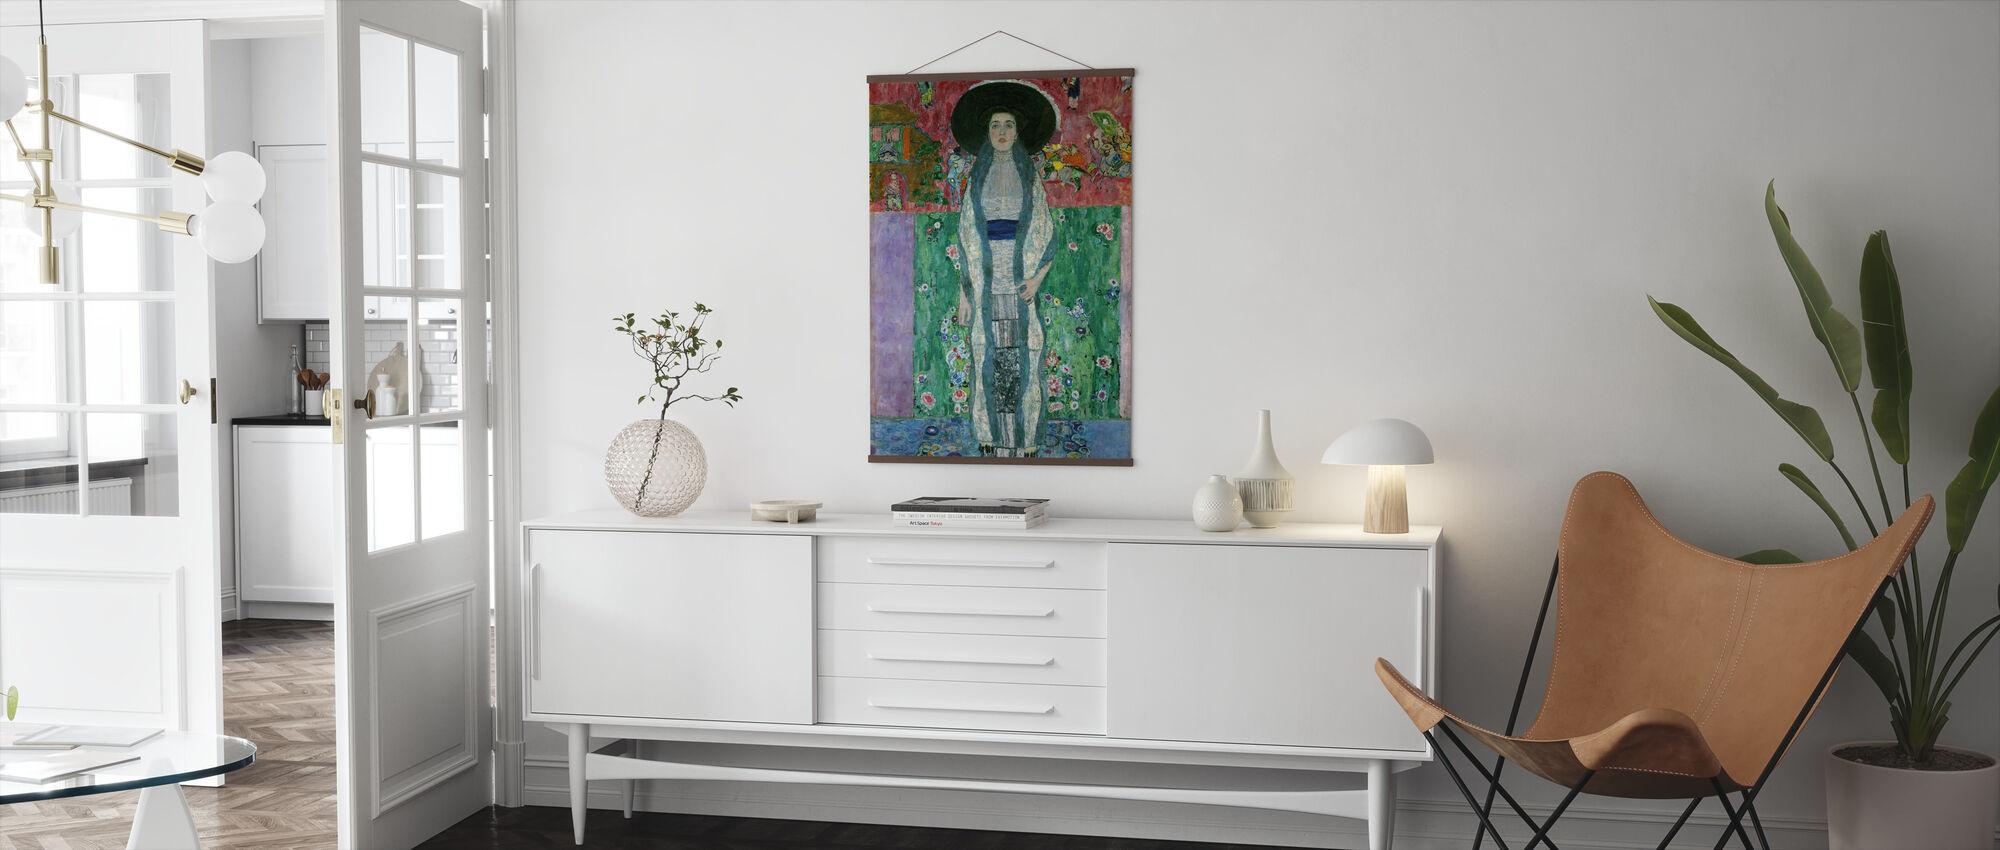 Portrett av Adele Bloch-Bauer - Gustav Klimt - Plakat - Stue